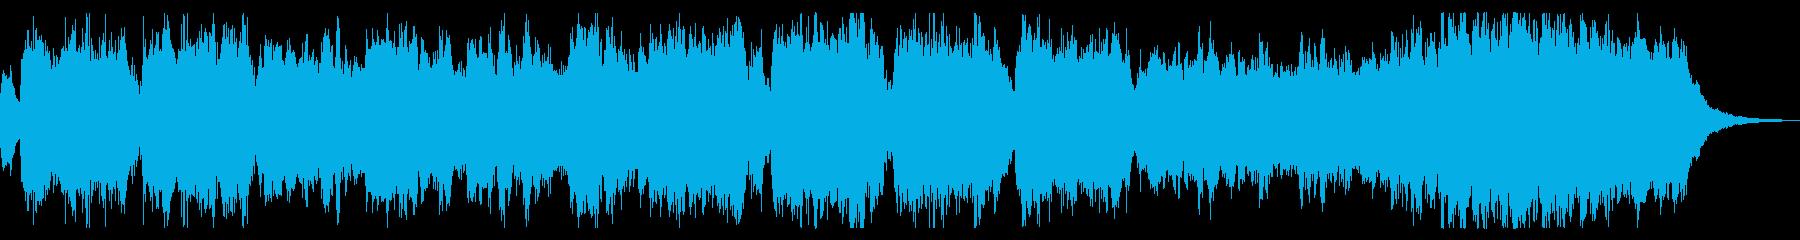 ハロウィン オープニング向け ジングルの再生済みの波形